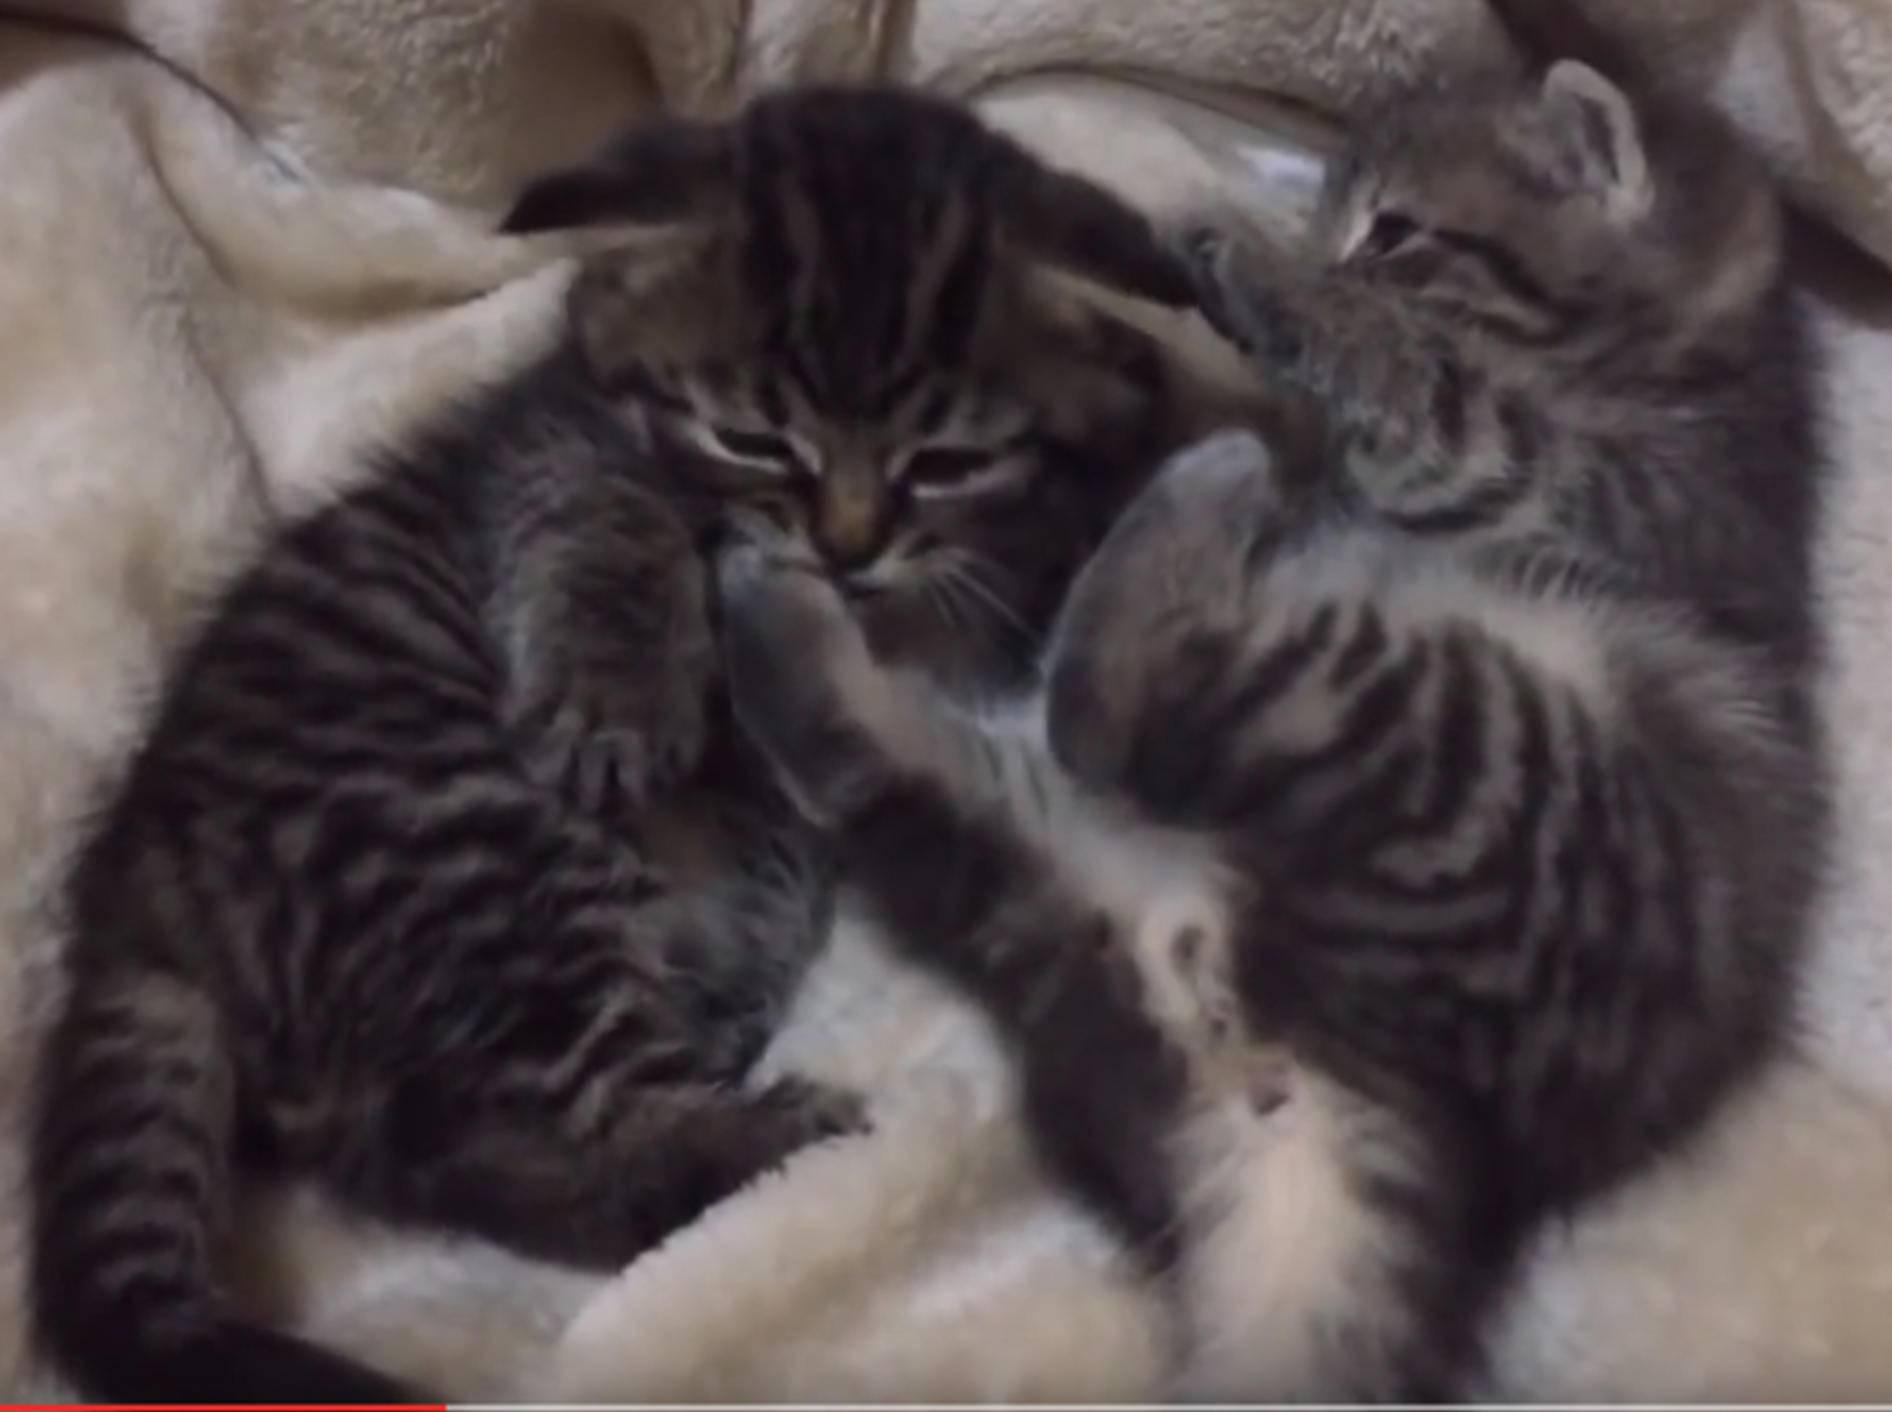 Zwei Minimiezis putzen sich und haben sich lieb – YouTube / foster kittens